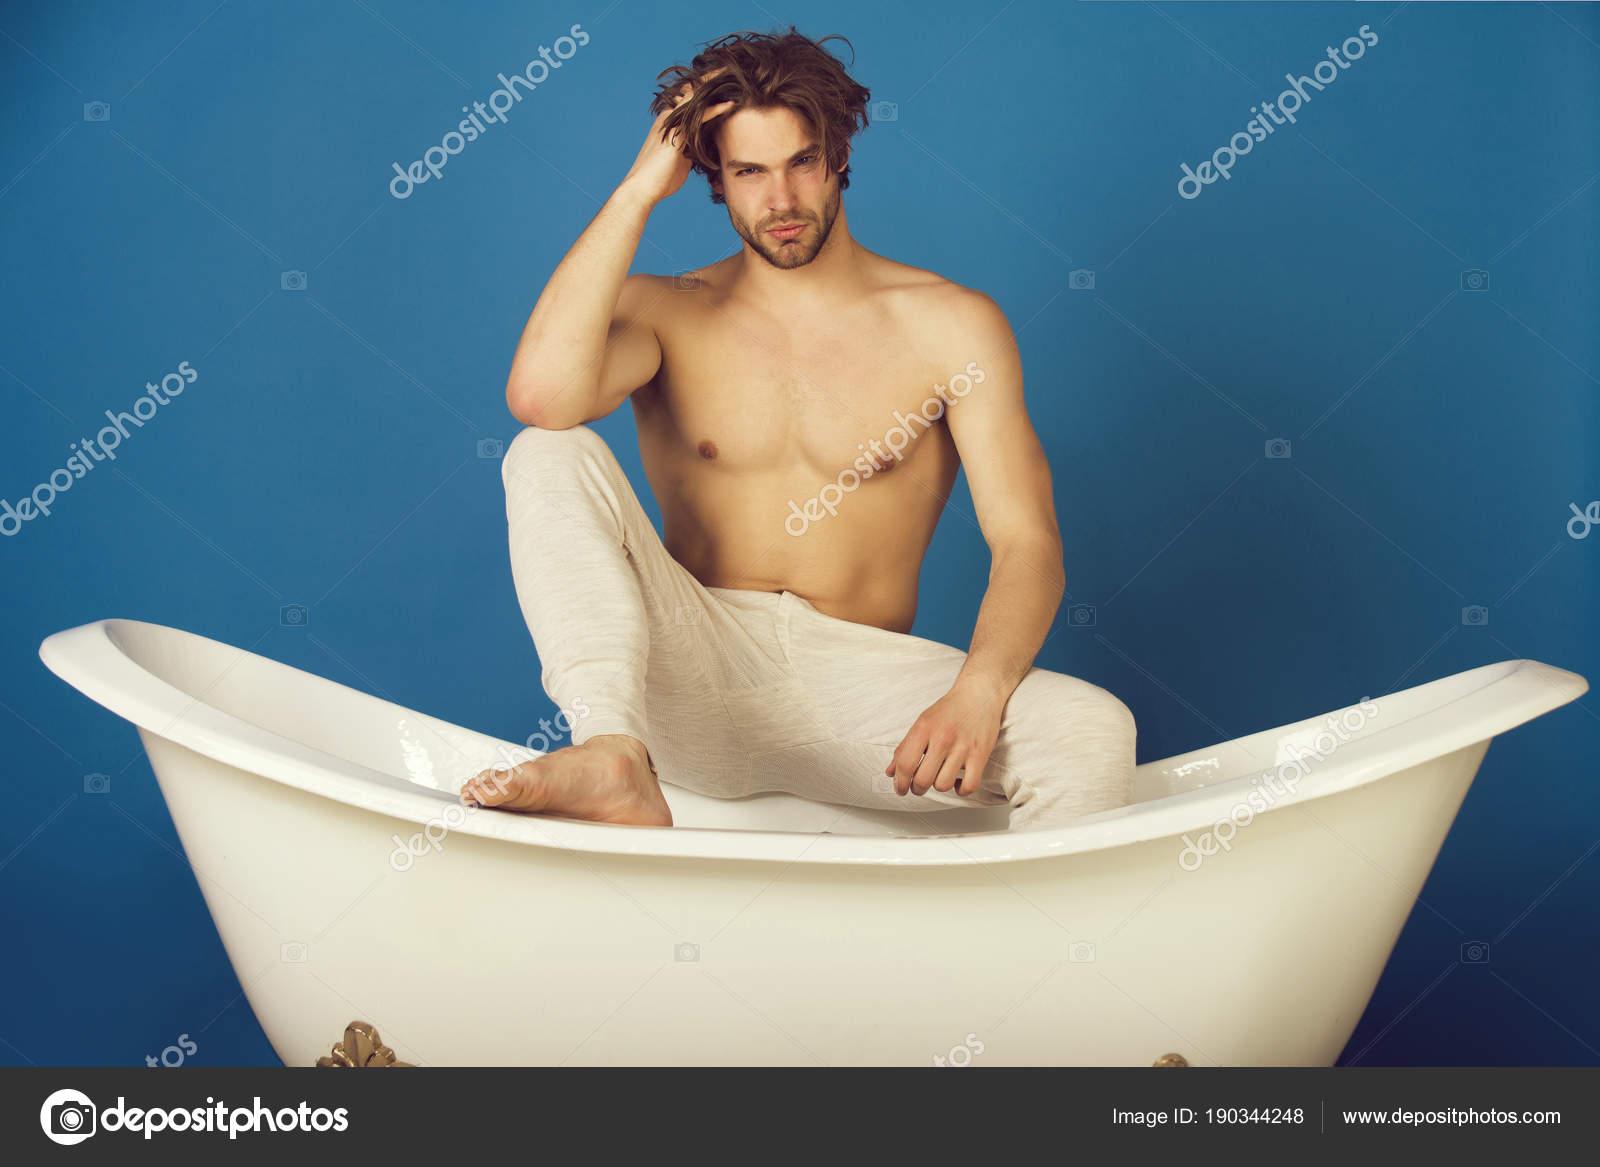 Uomo In Vasca Da Bagno.Uomo Bello Con Il Torso Muscoloso Nudo Sexy Su Vasca Da Bagno Foto